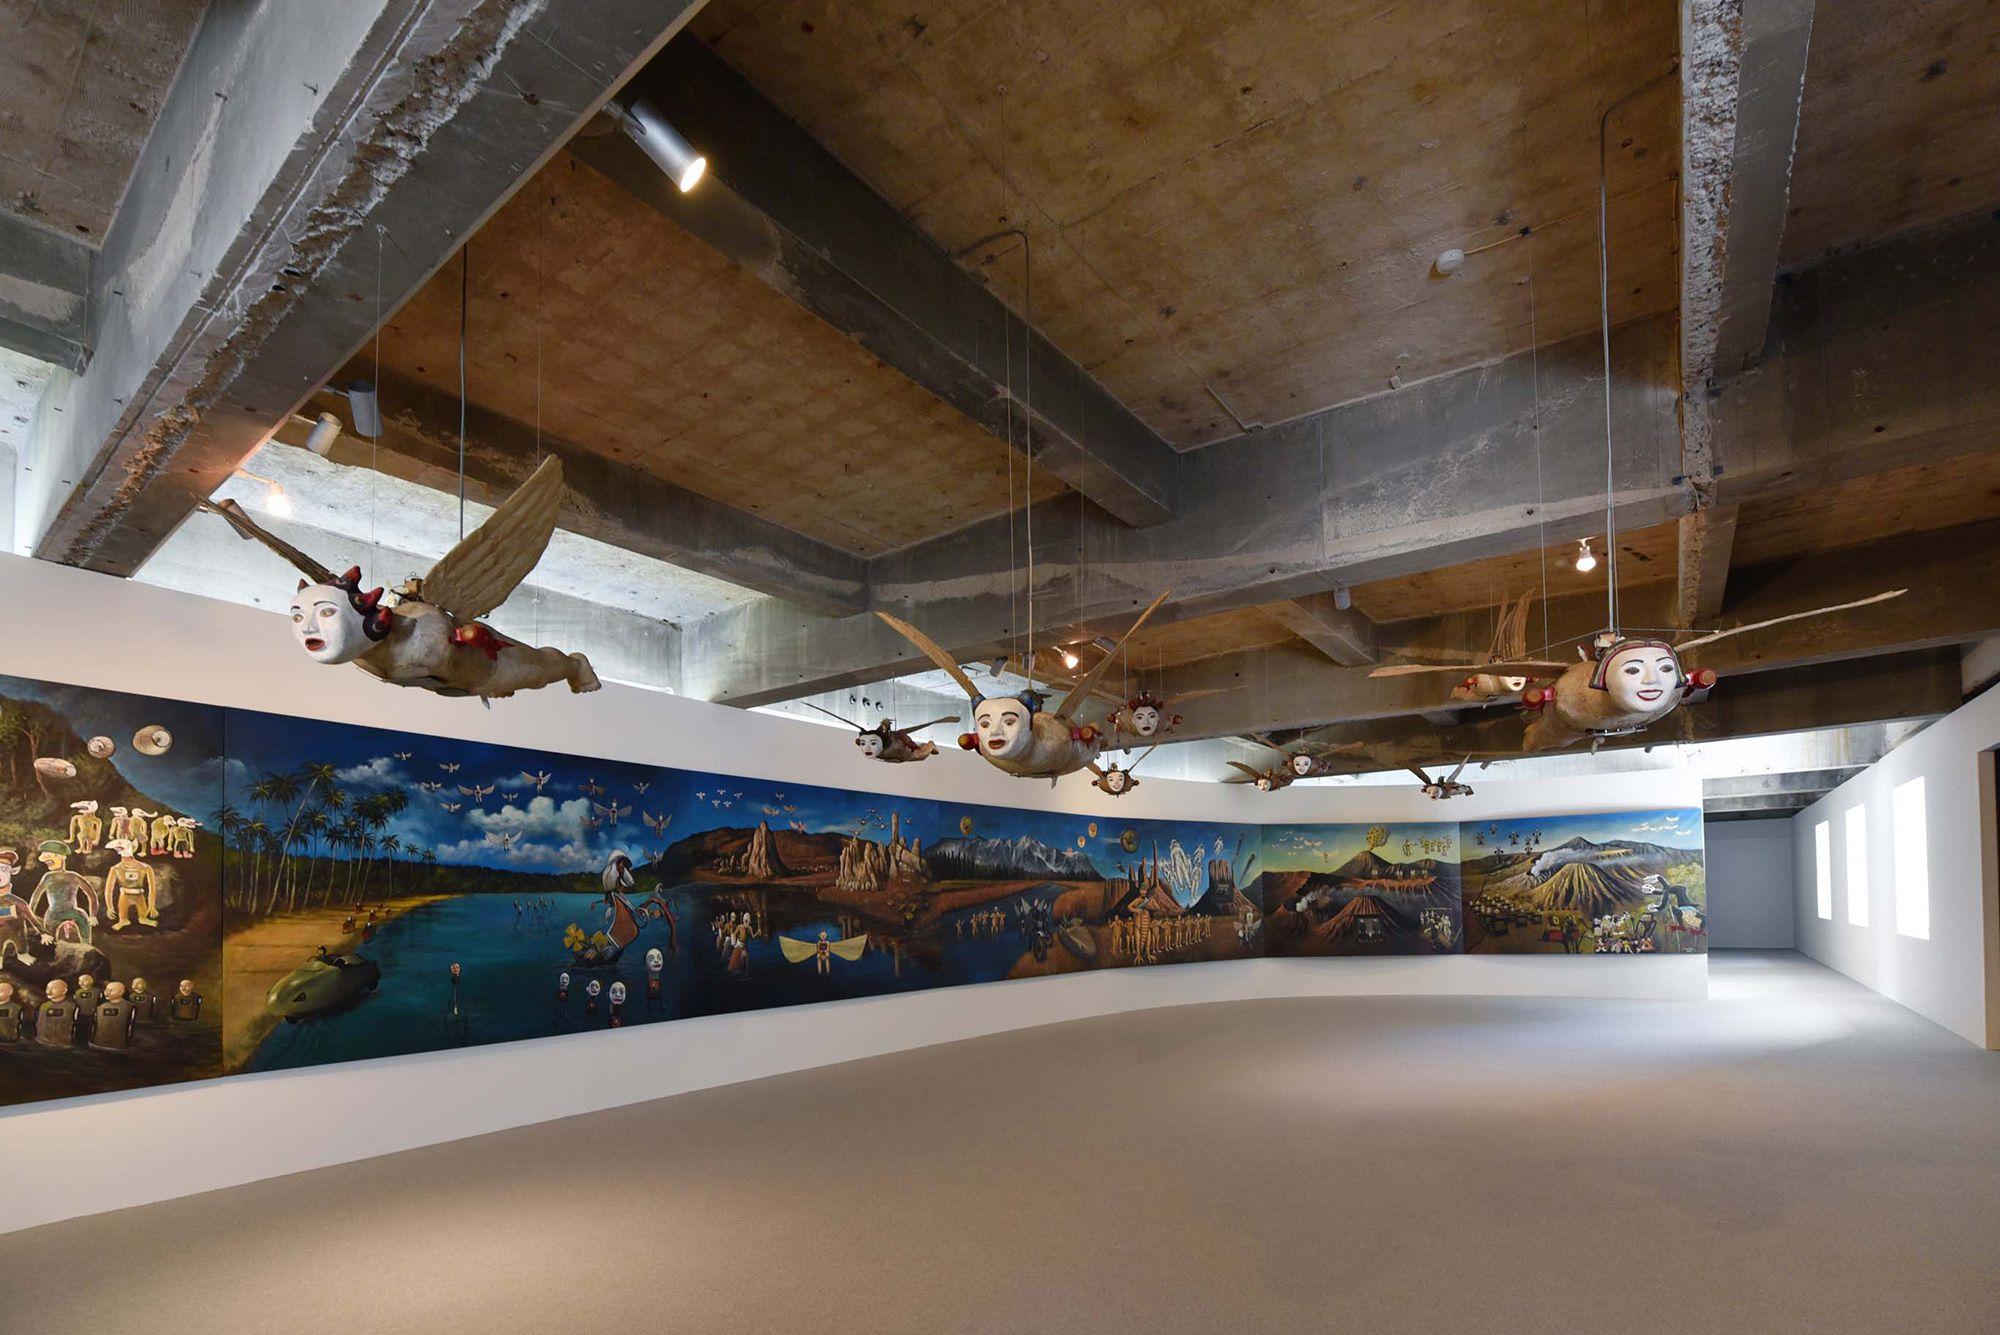 2樓企劃展「看得見的靈魂」中展出的印尼作家Heri・Dono的作品「The Odyssey of Heridonology」